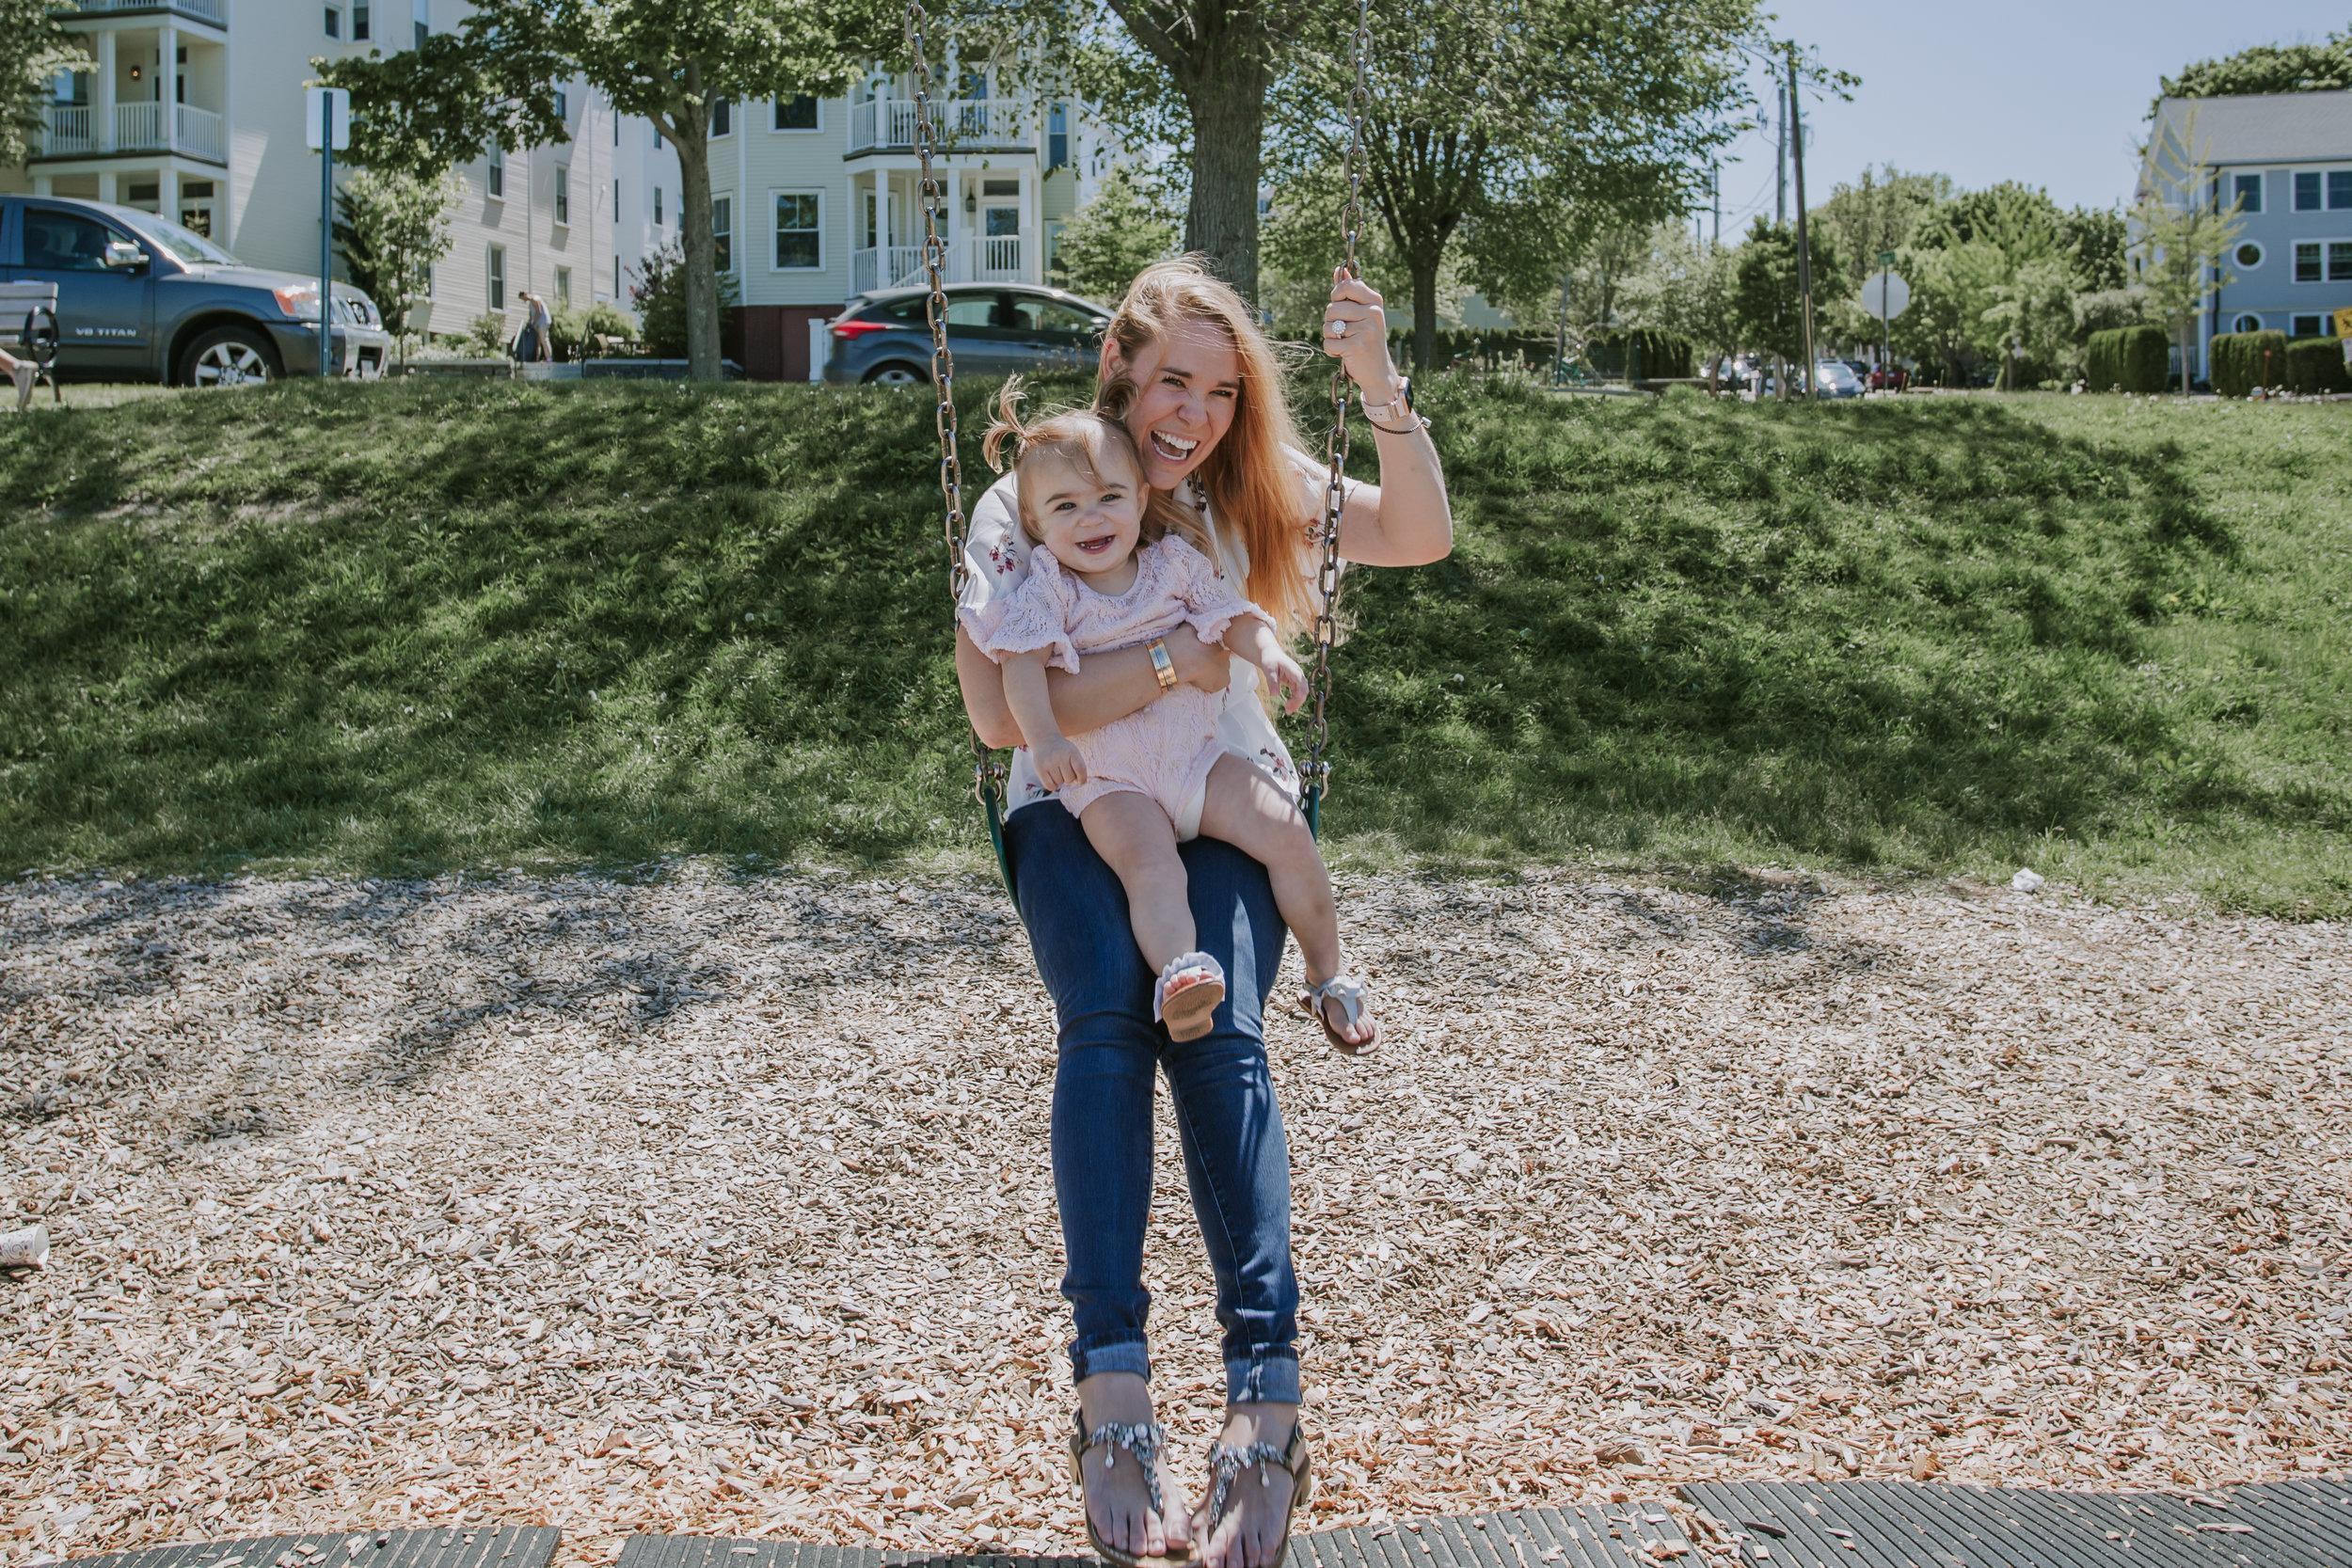 Rebecca_and_Family-16.jpg